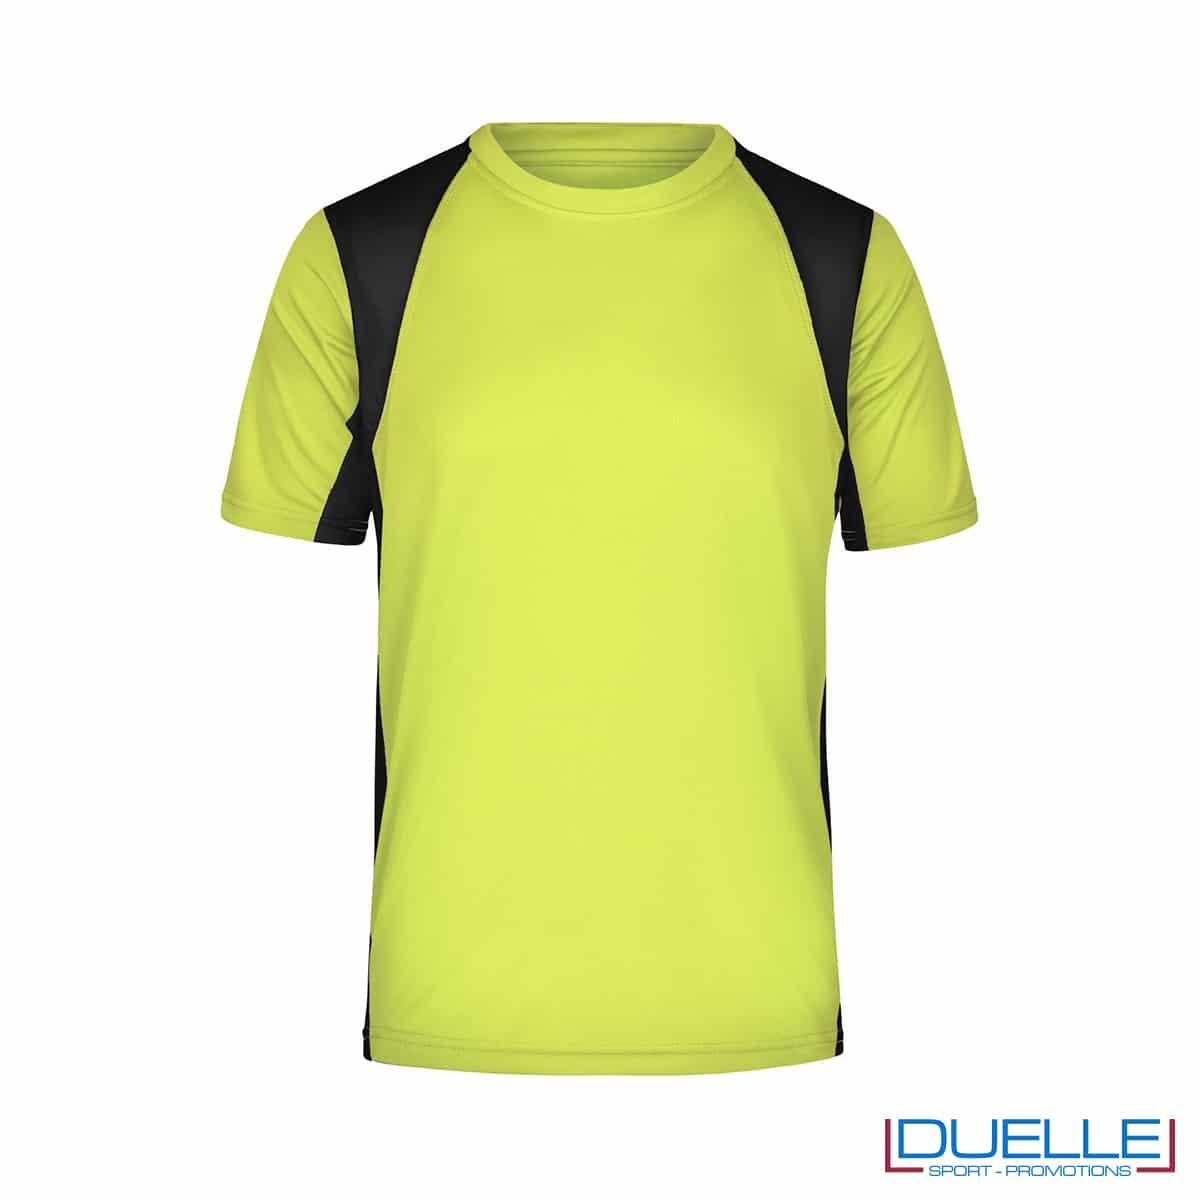 T-shirt running uomo personalizzata colore giallo fluo-nero